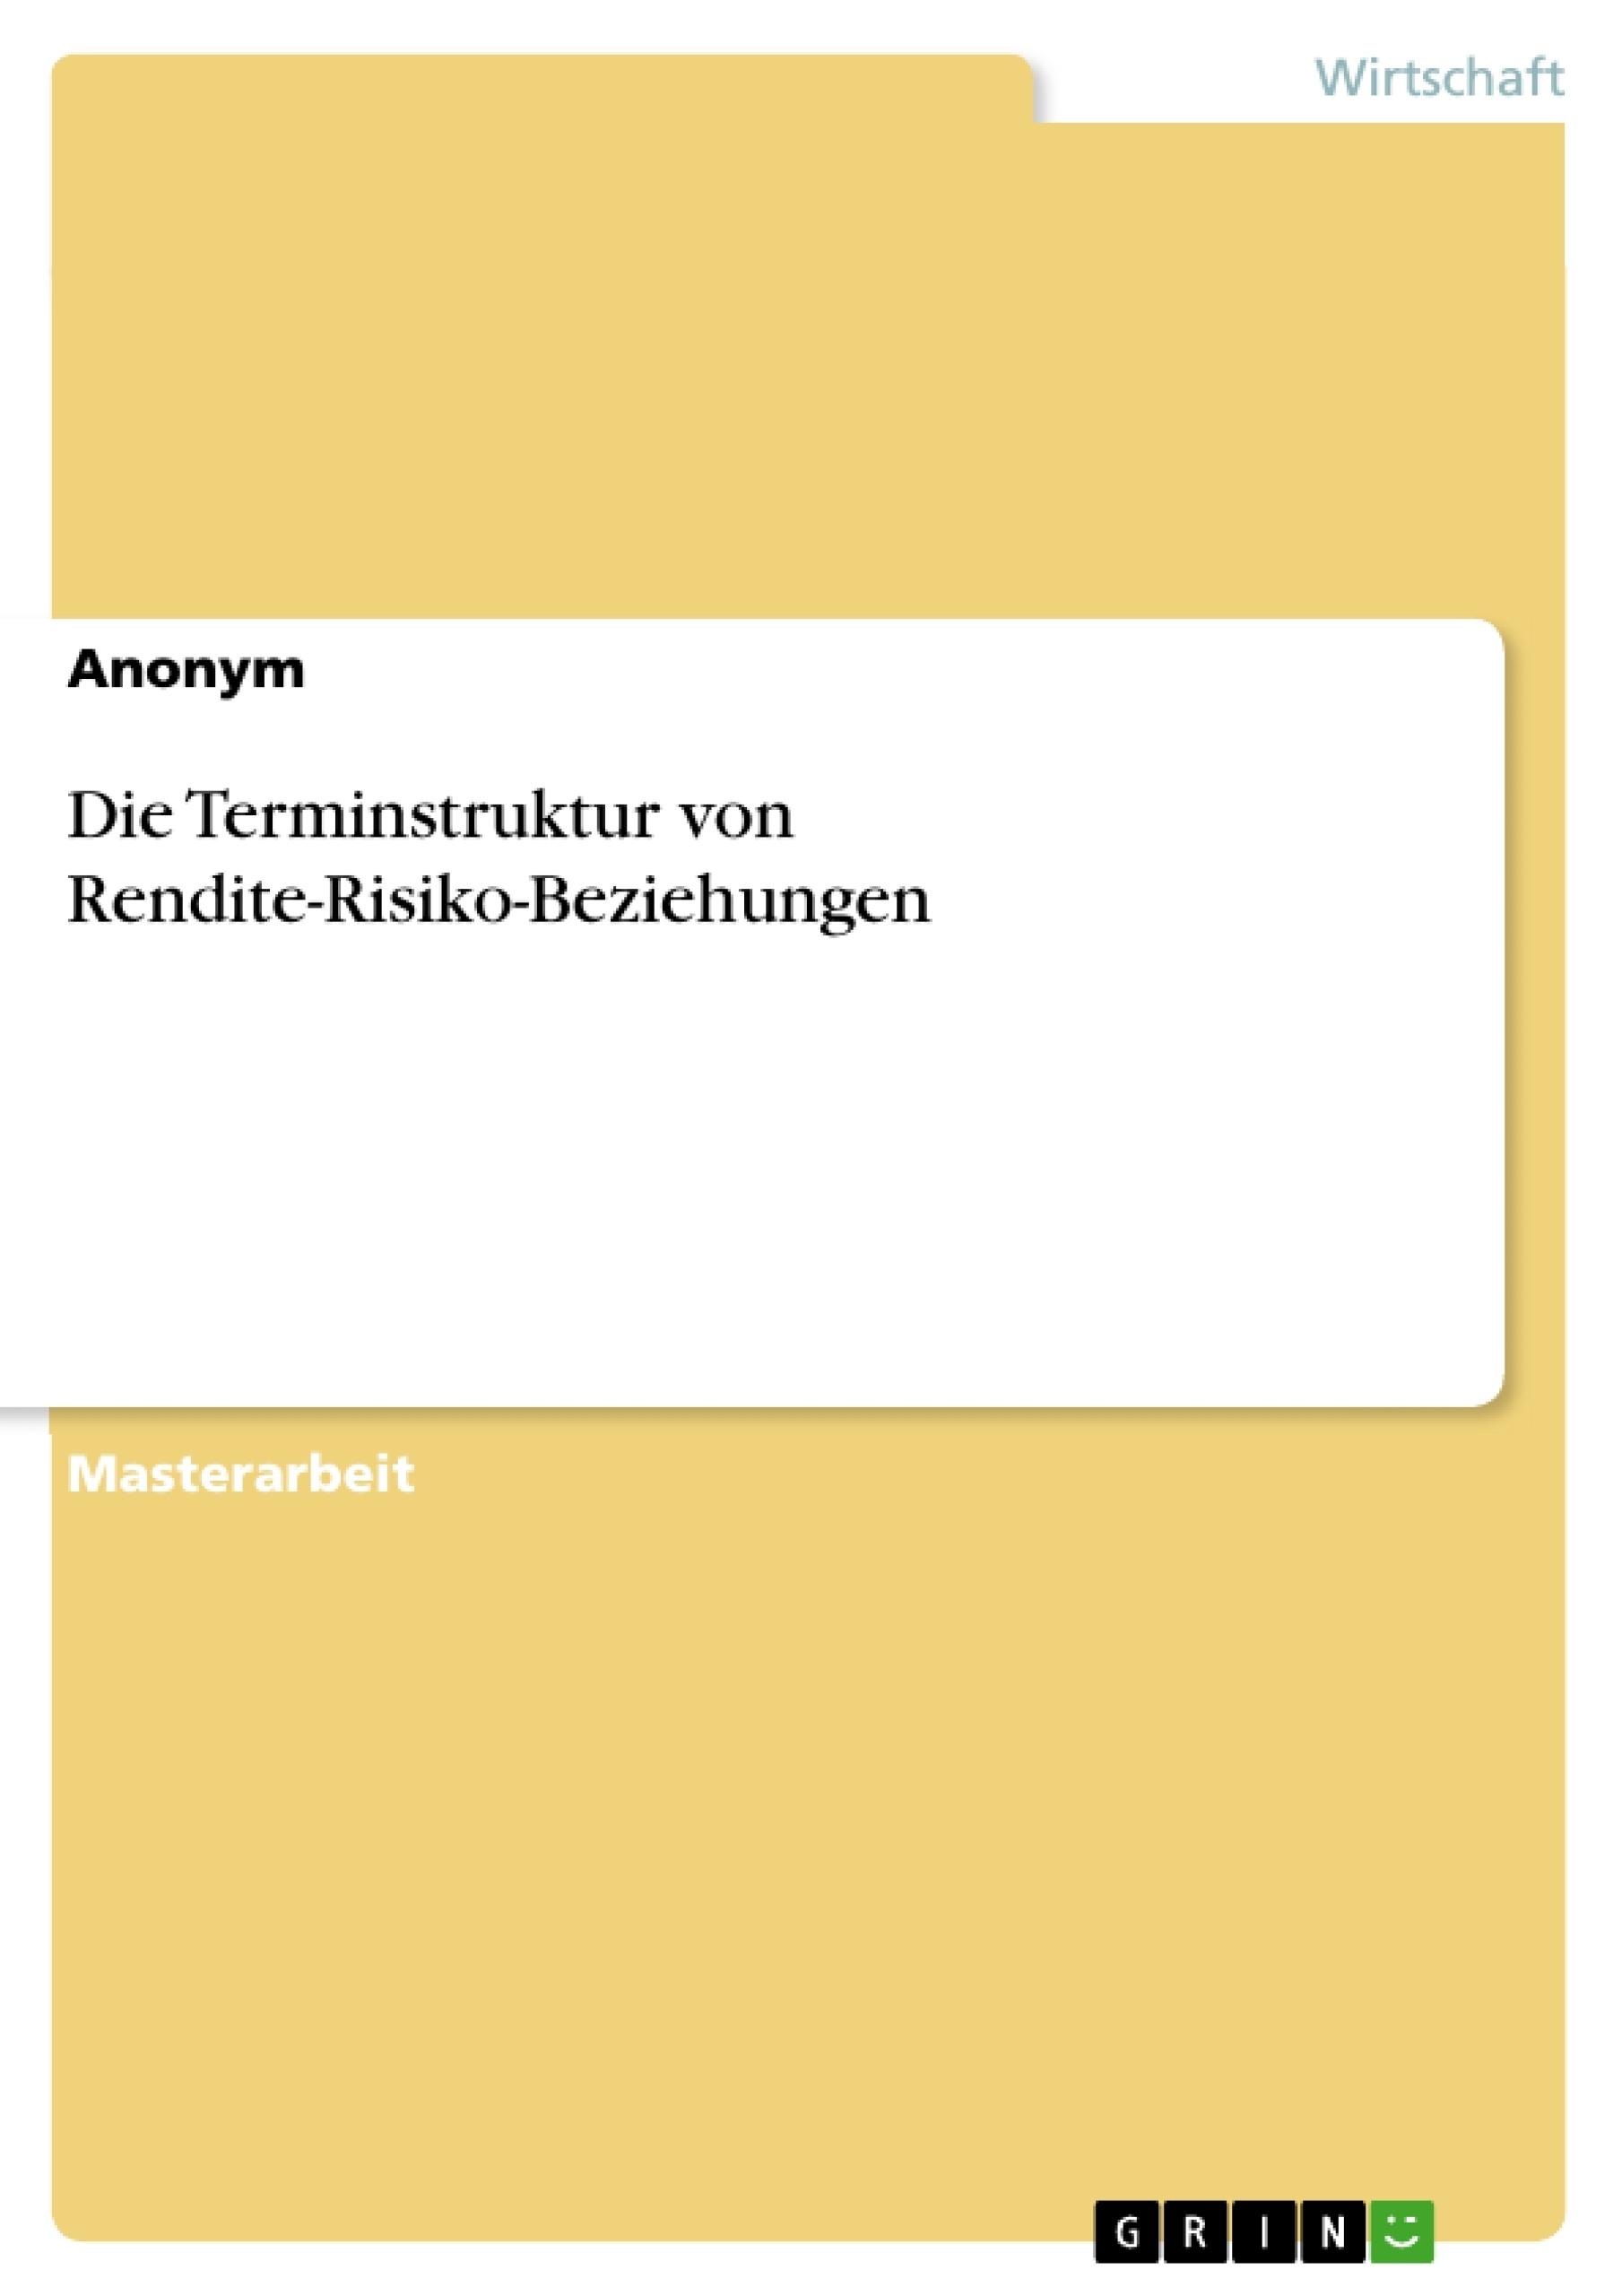 Titel: Die Terminstruktur von Rendite-Risiko-Beziehungen